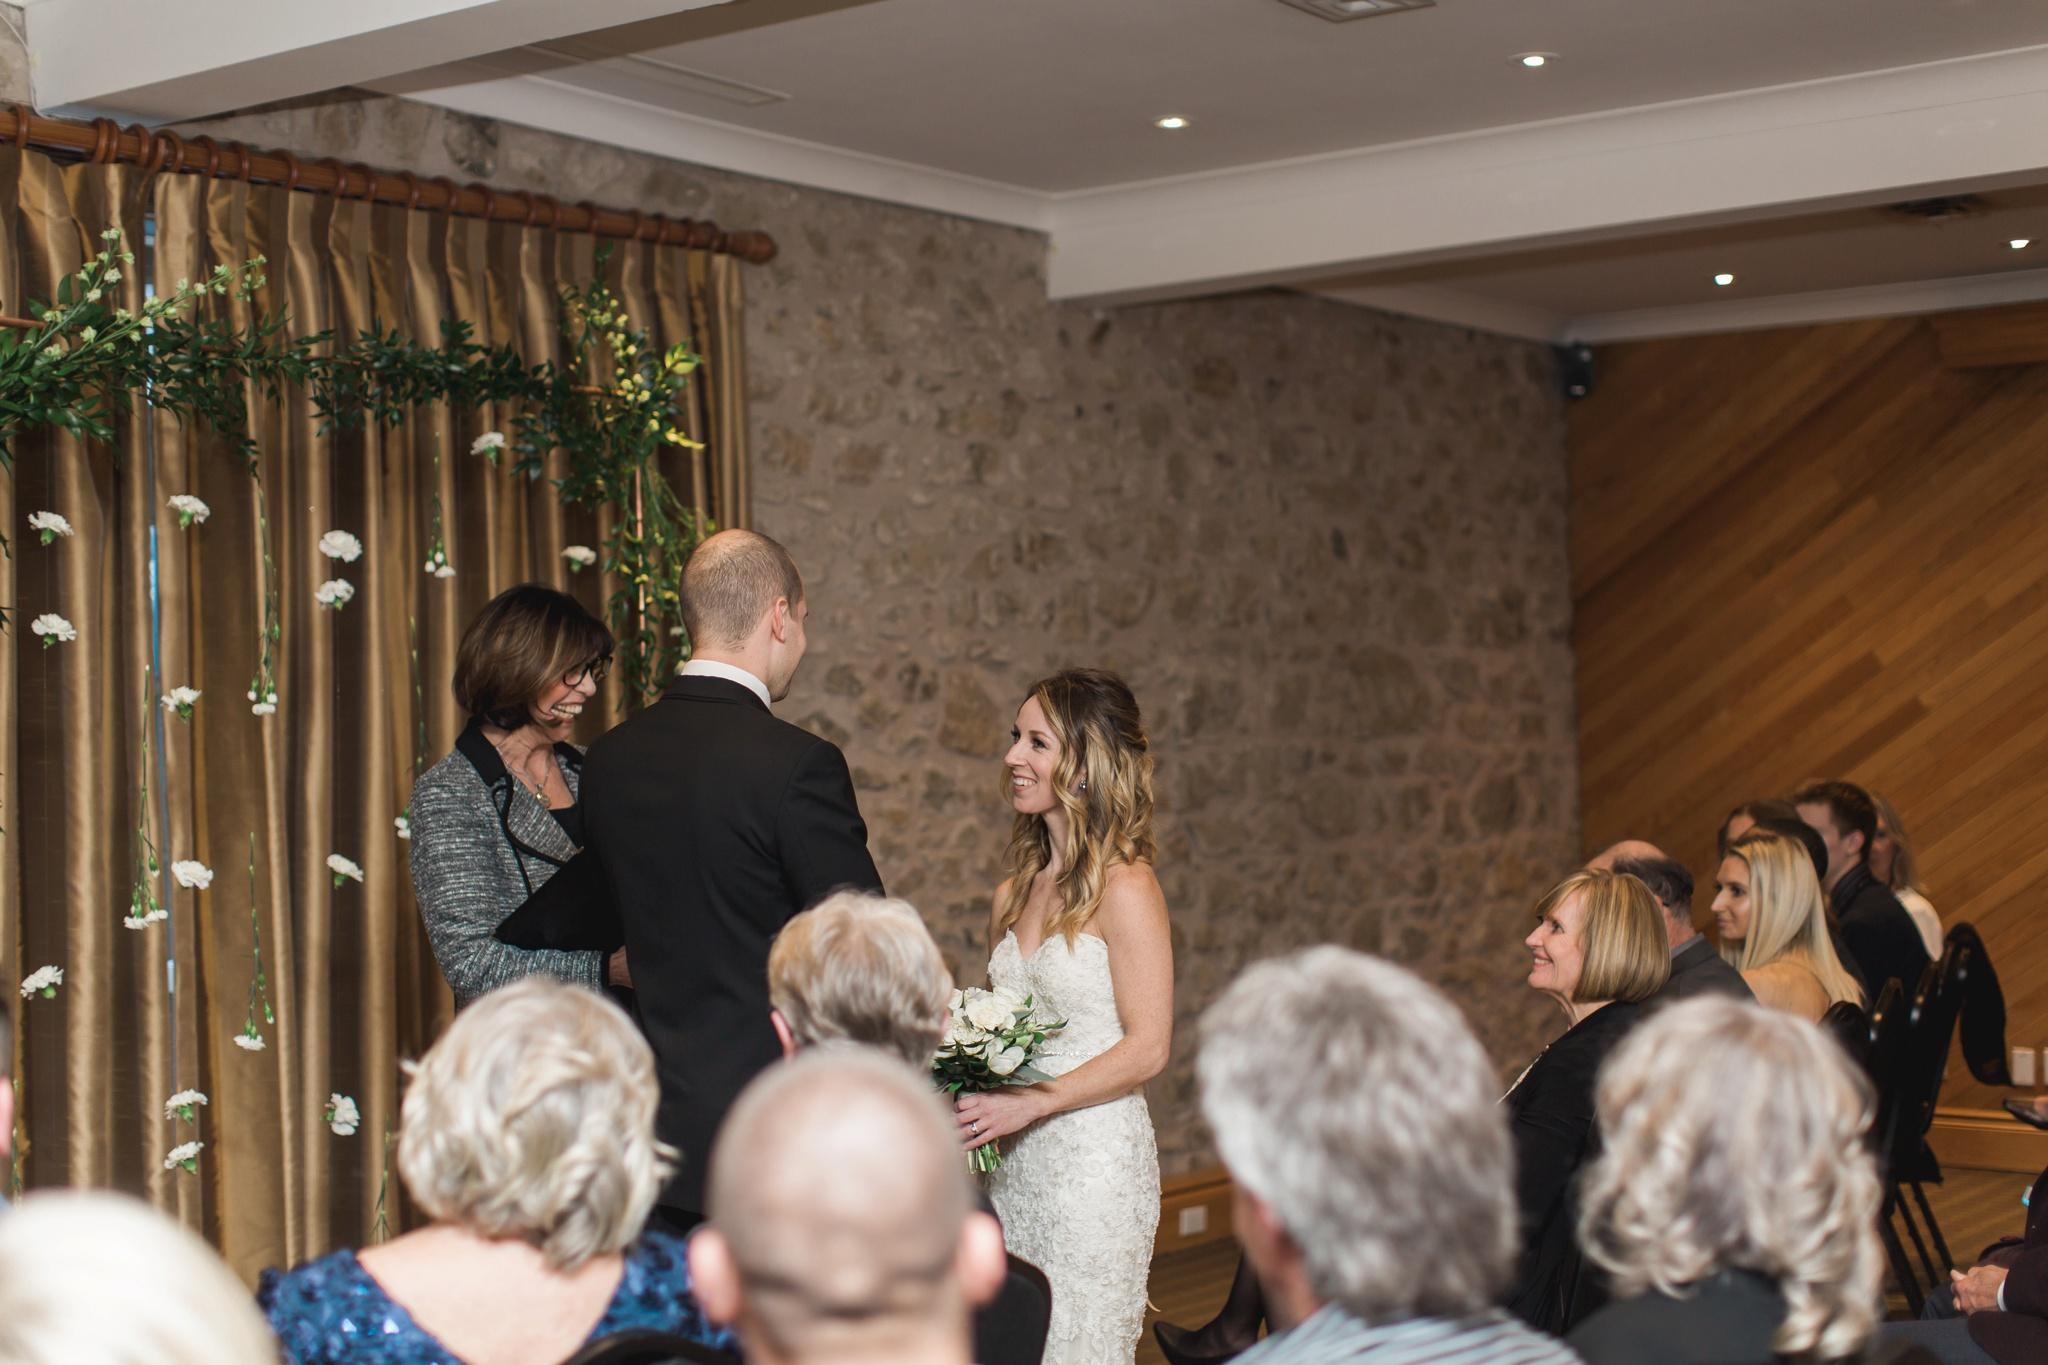 Winter Wedding Venue in Toronto